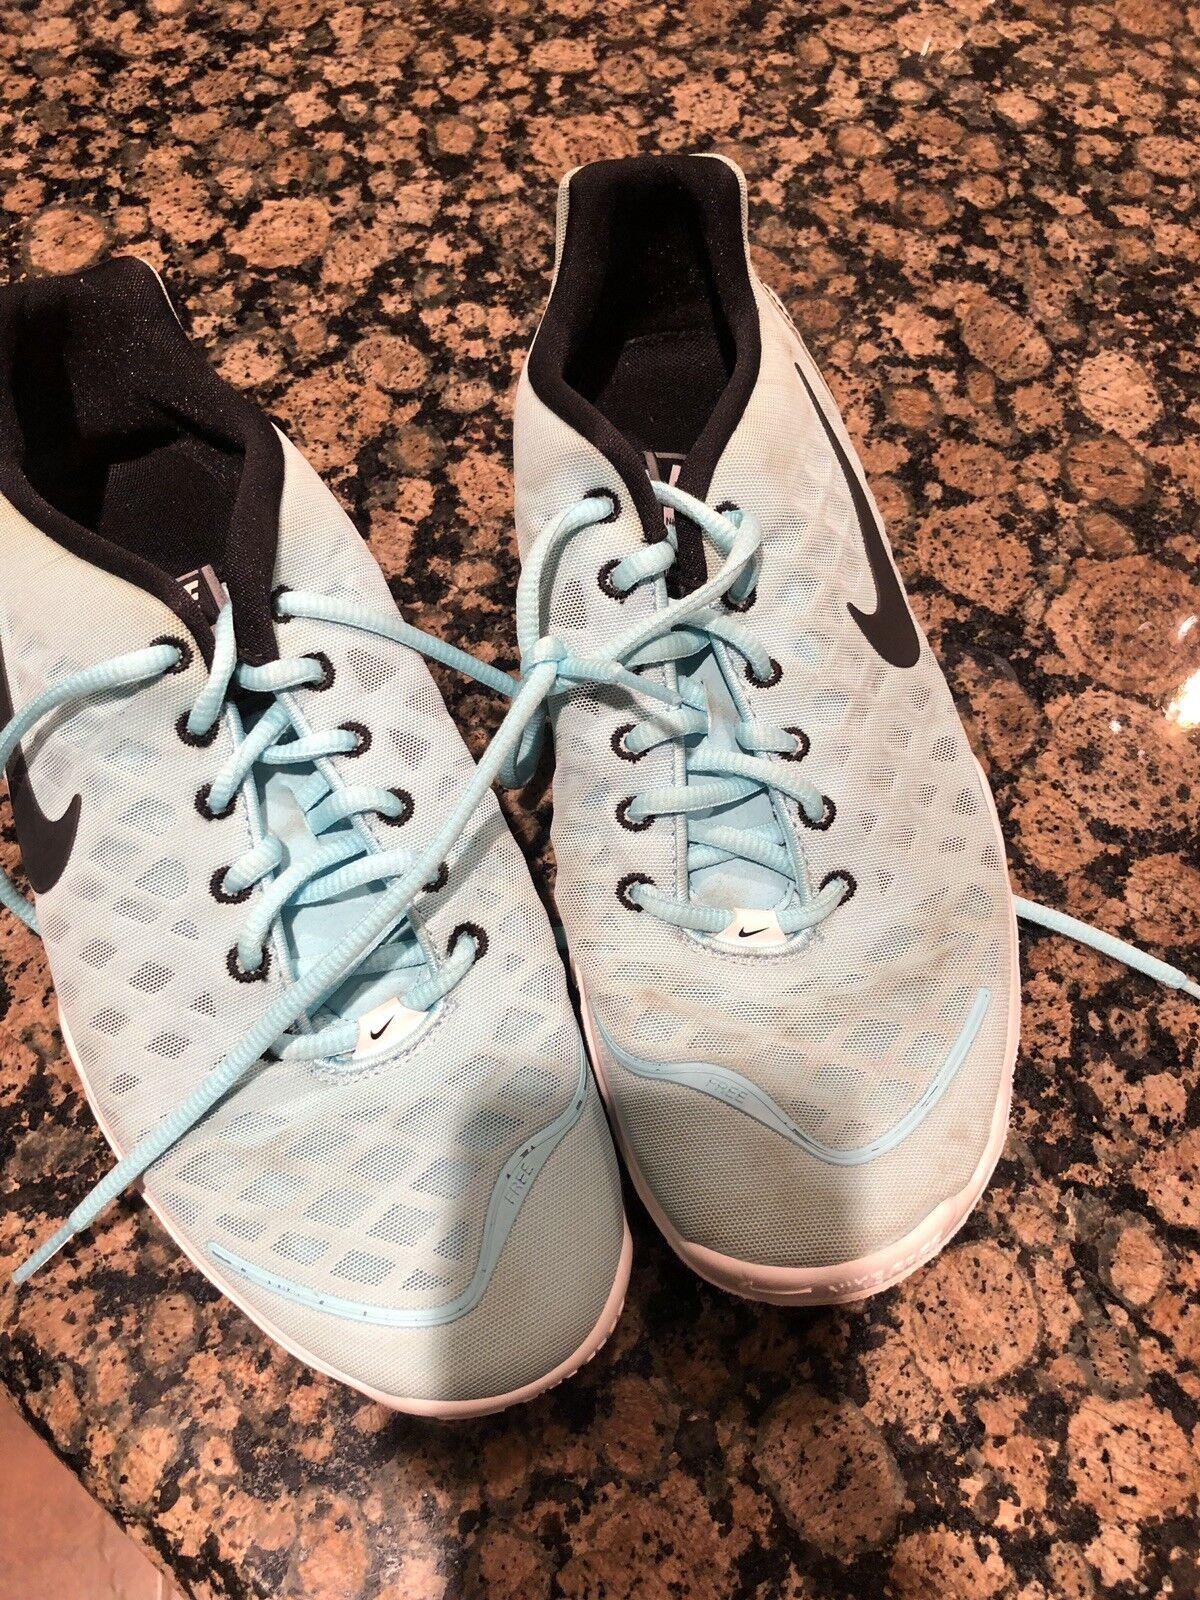 nike a maglie fitness fitness fitness scarpe da donna sz 10 turchese | Acquisti online  | Grande Vendita Di Liquidazione  | Economici Per  | Scolaro/Signora Scarpa  853f47